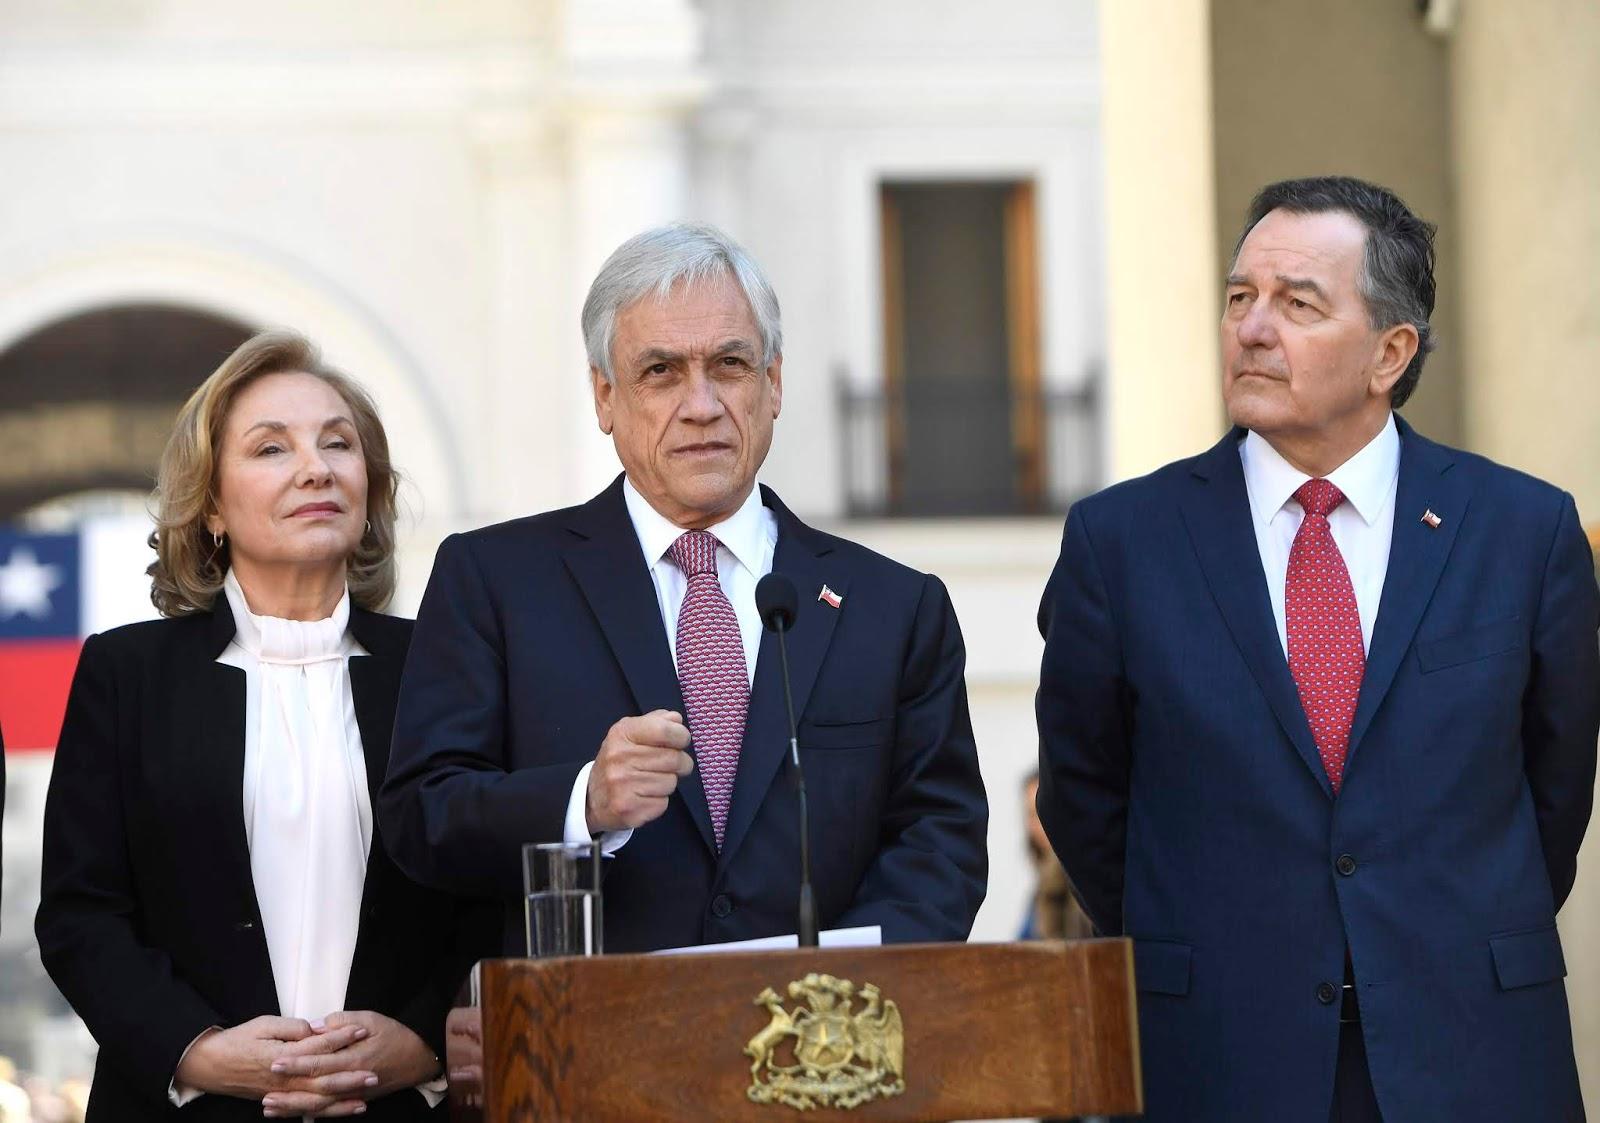 Sebastián Piñera salió airoso desde La Moneda para calificar el fallo de La Haya como contundente / ABI